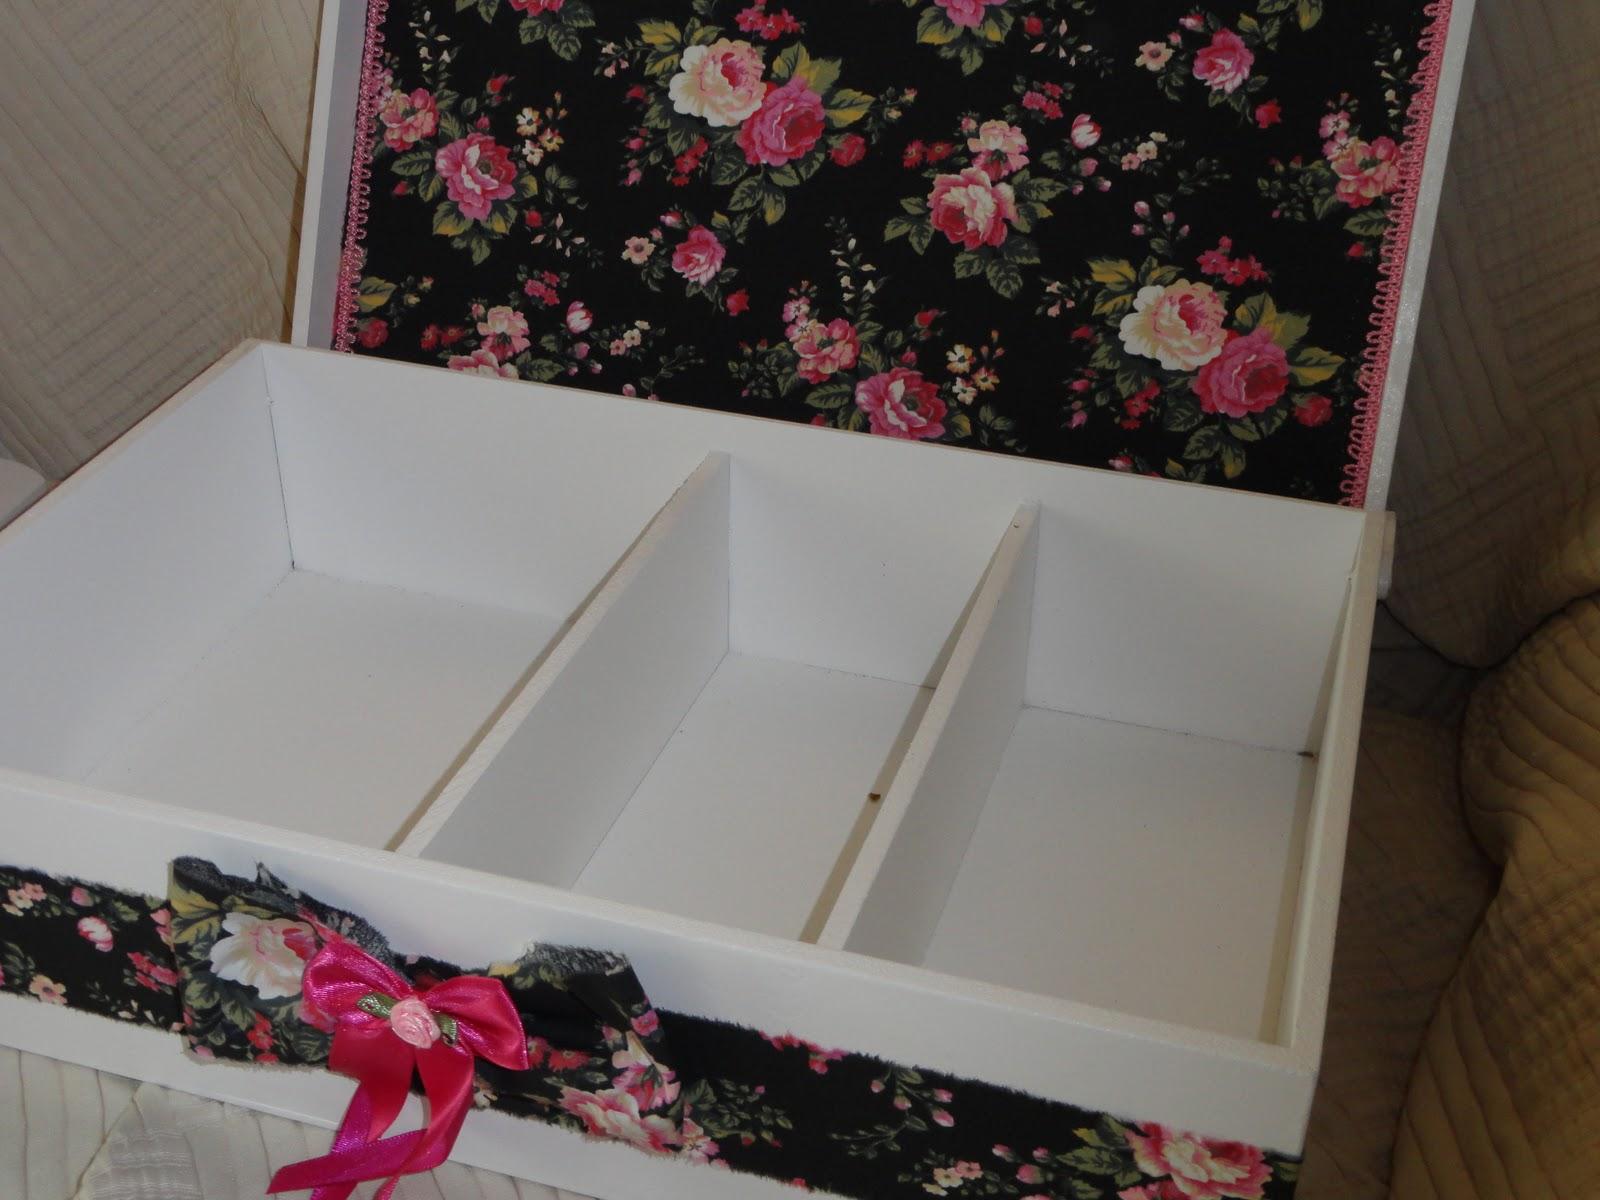 Criando Coisas: Caixa de madeira para casamento (banheiro) #752D37 1600x1200